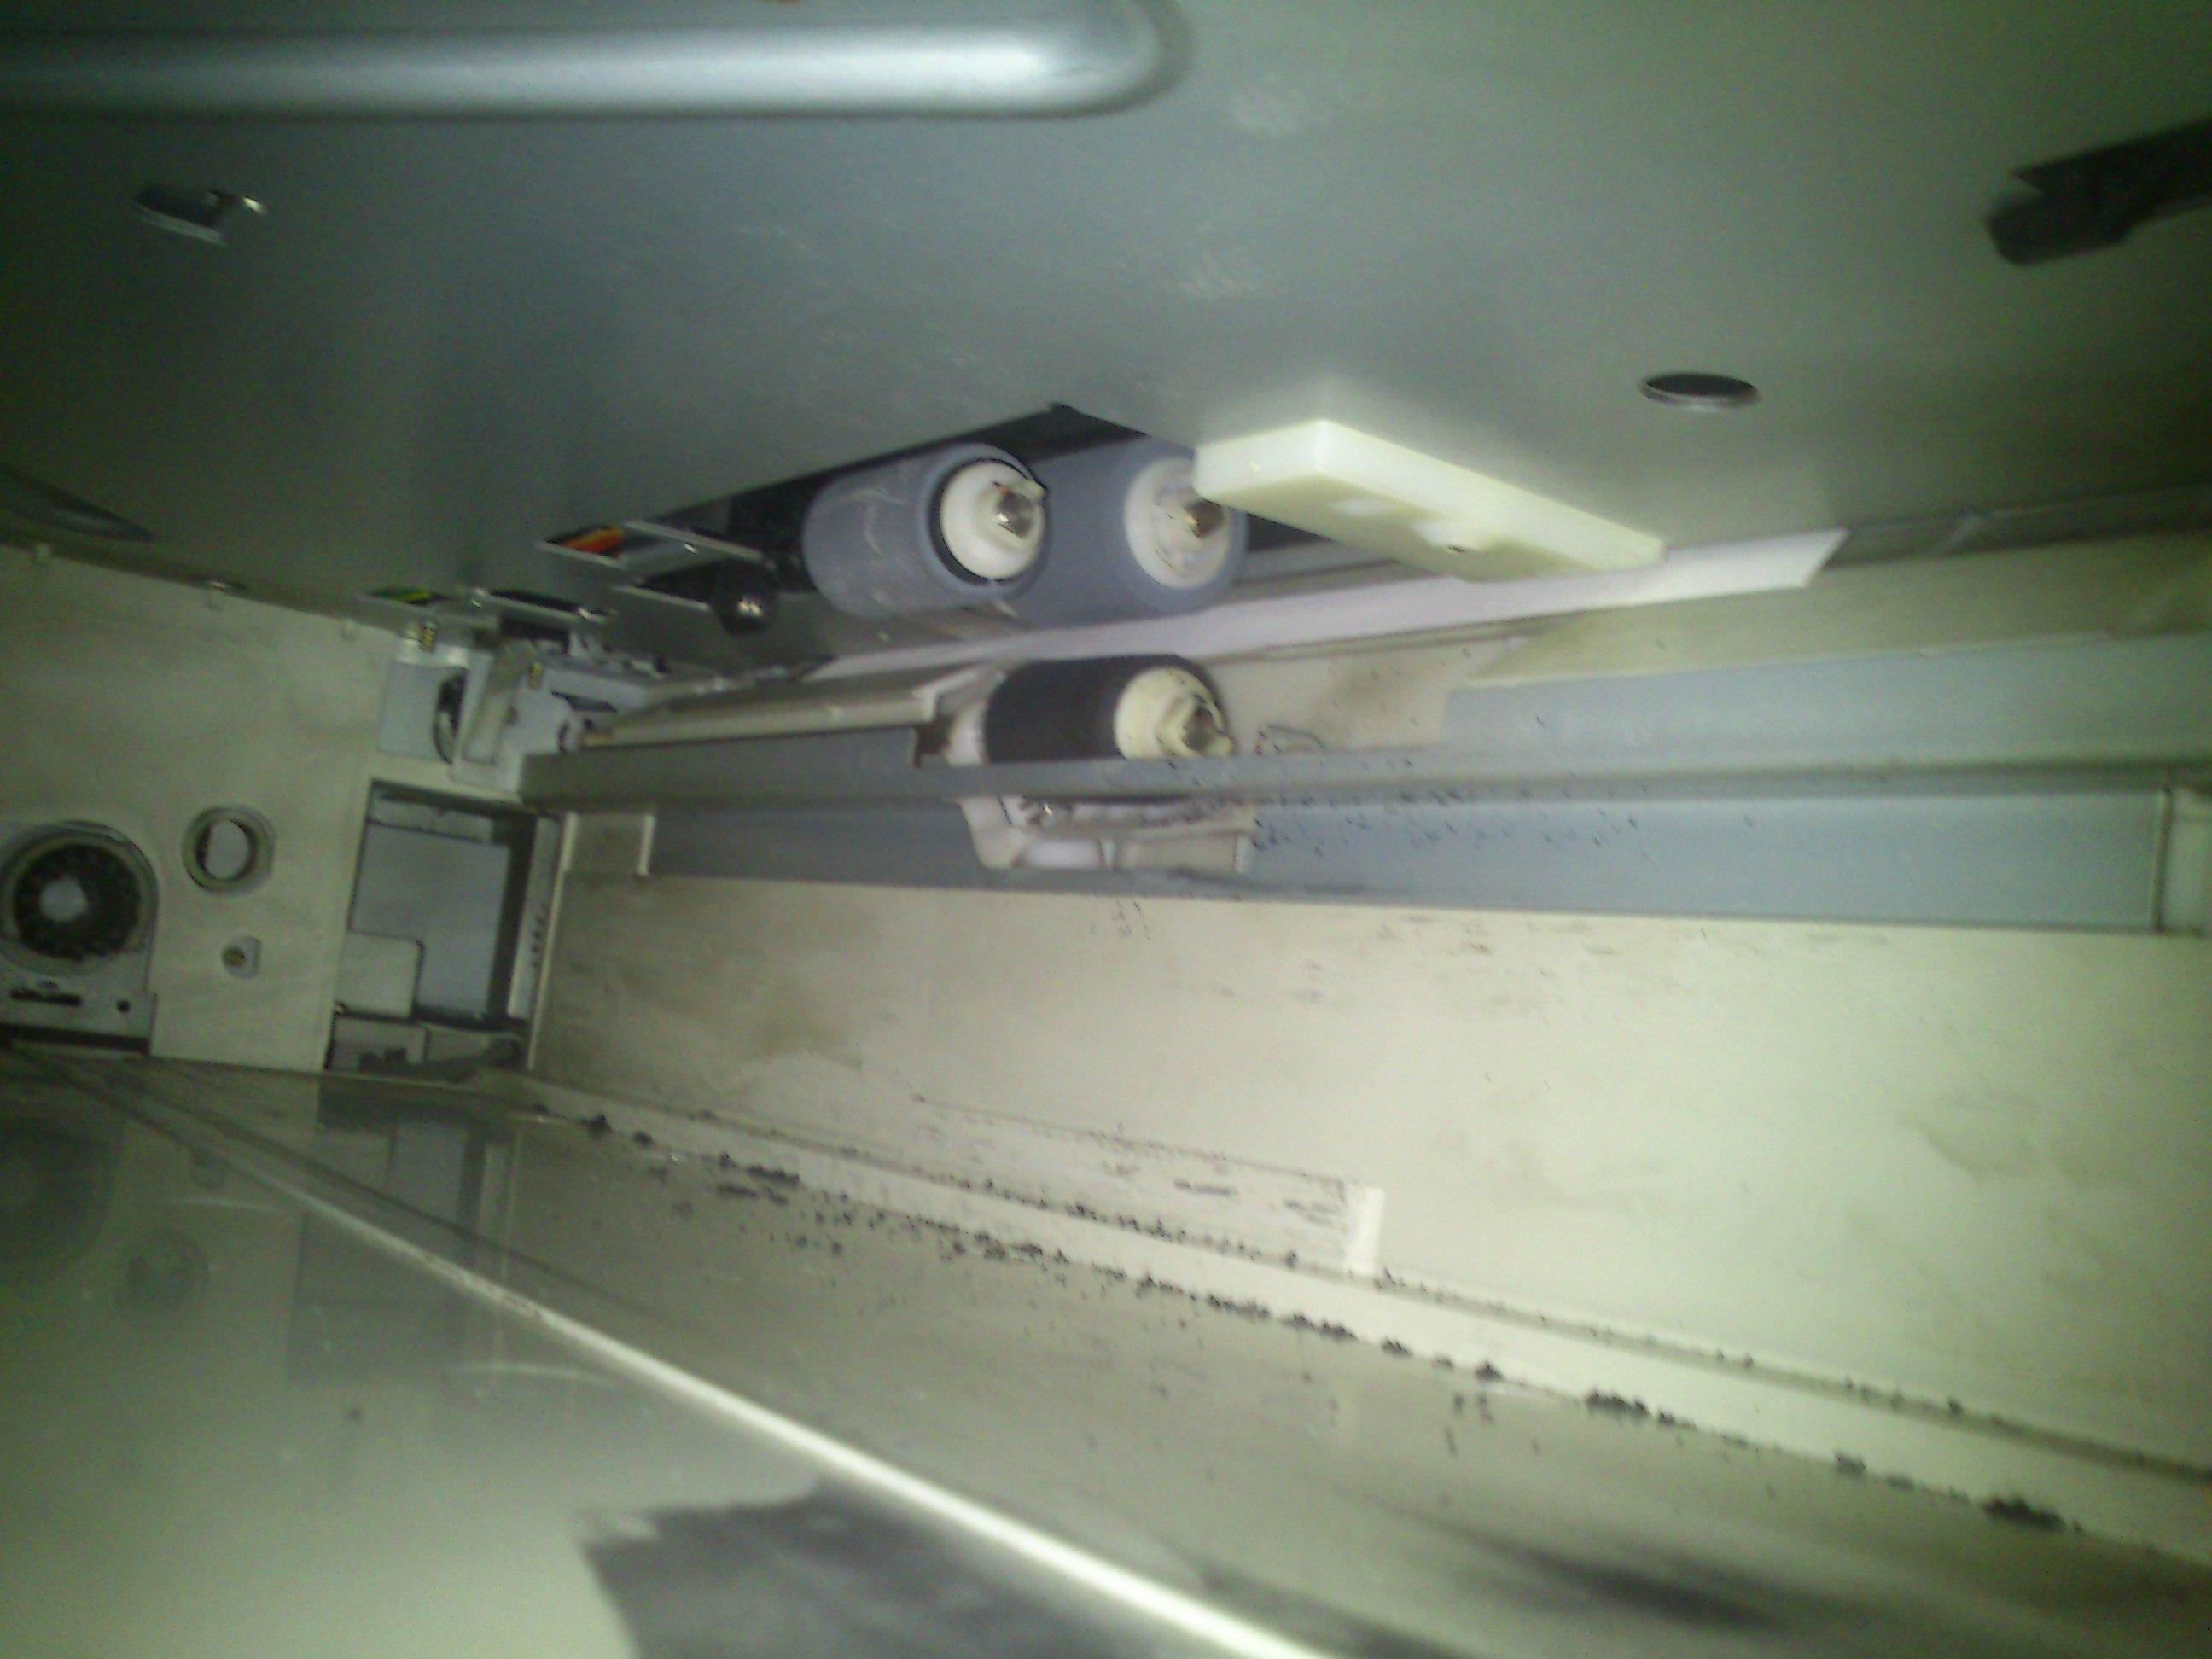 Panasonic DP-2010 - zg�asza zaci�cie papieru tylko na dolnym podajniku